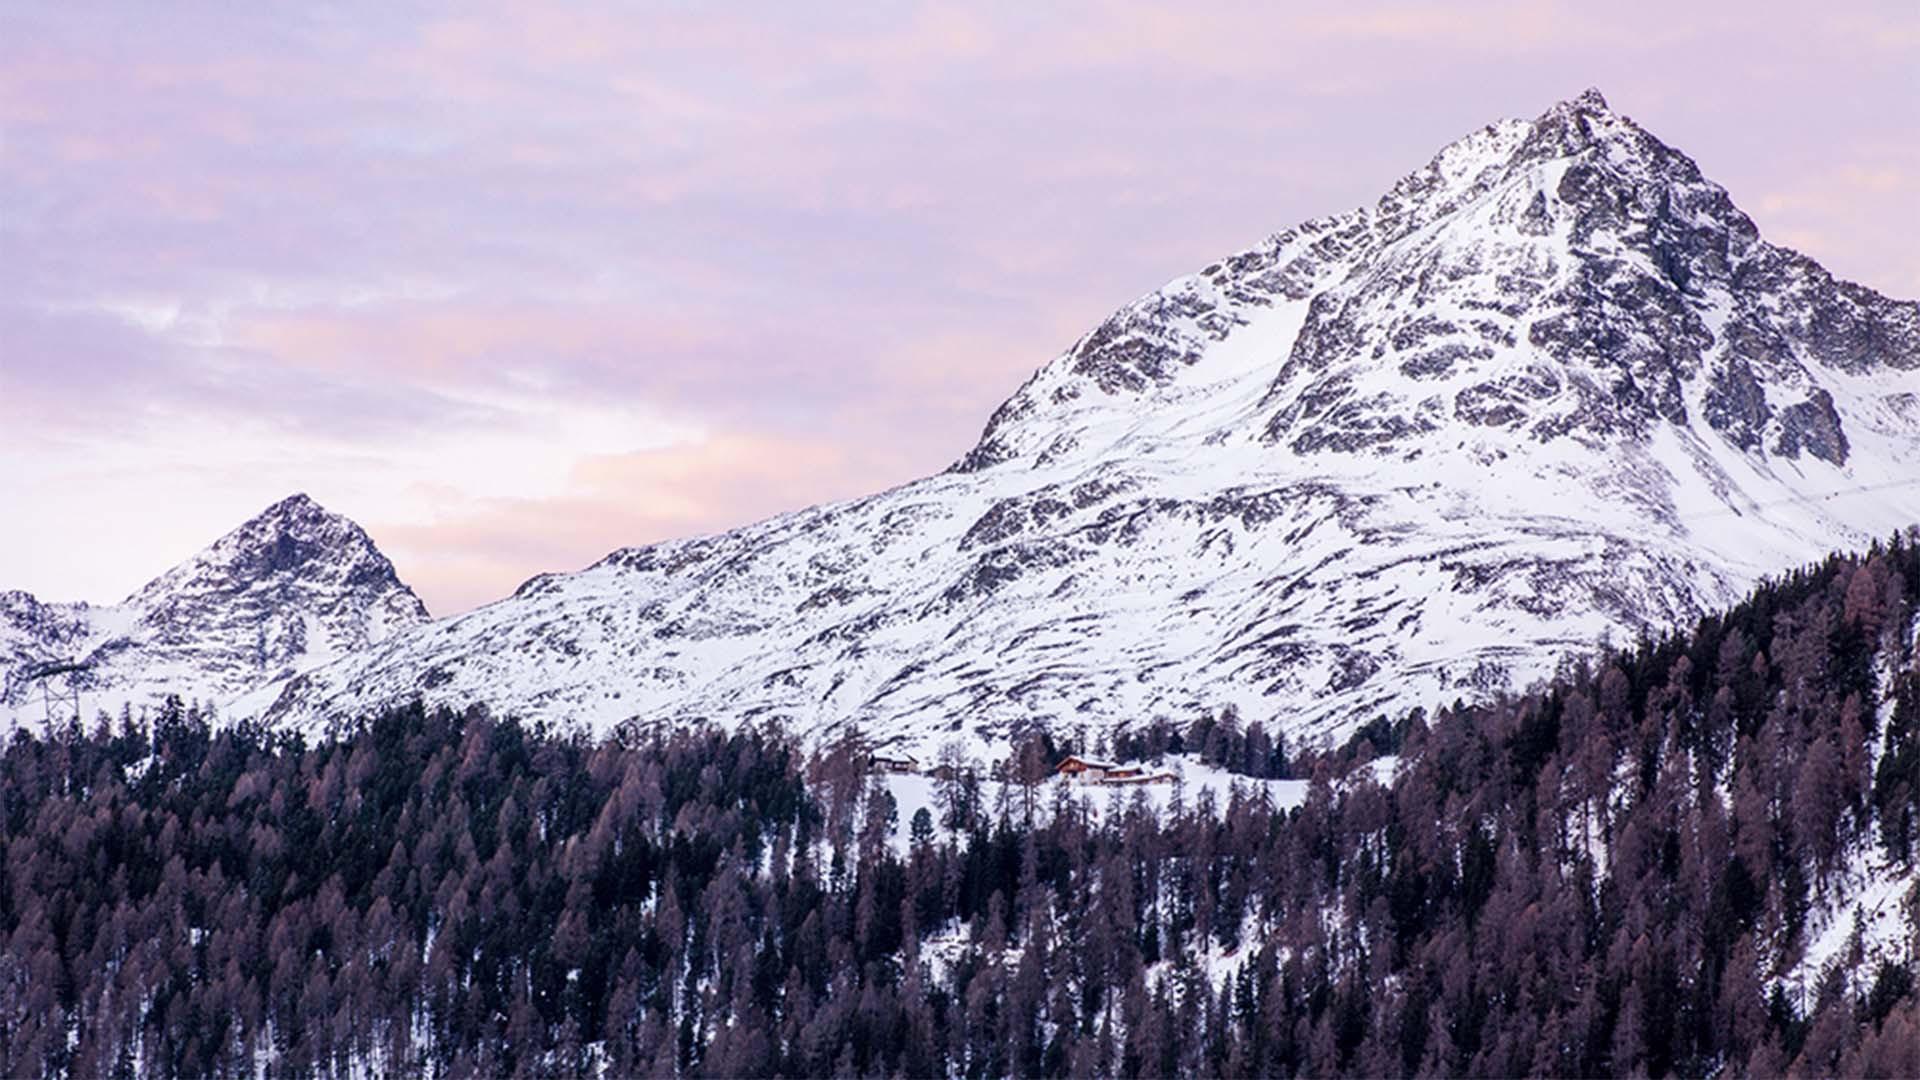 Forests below Piz Julier, Switzerland